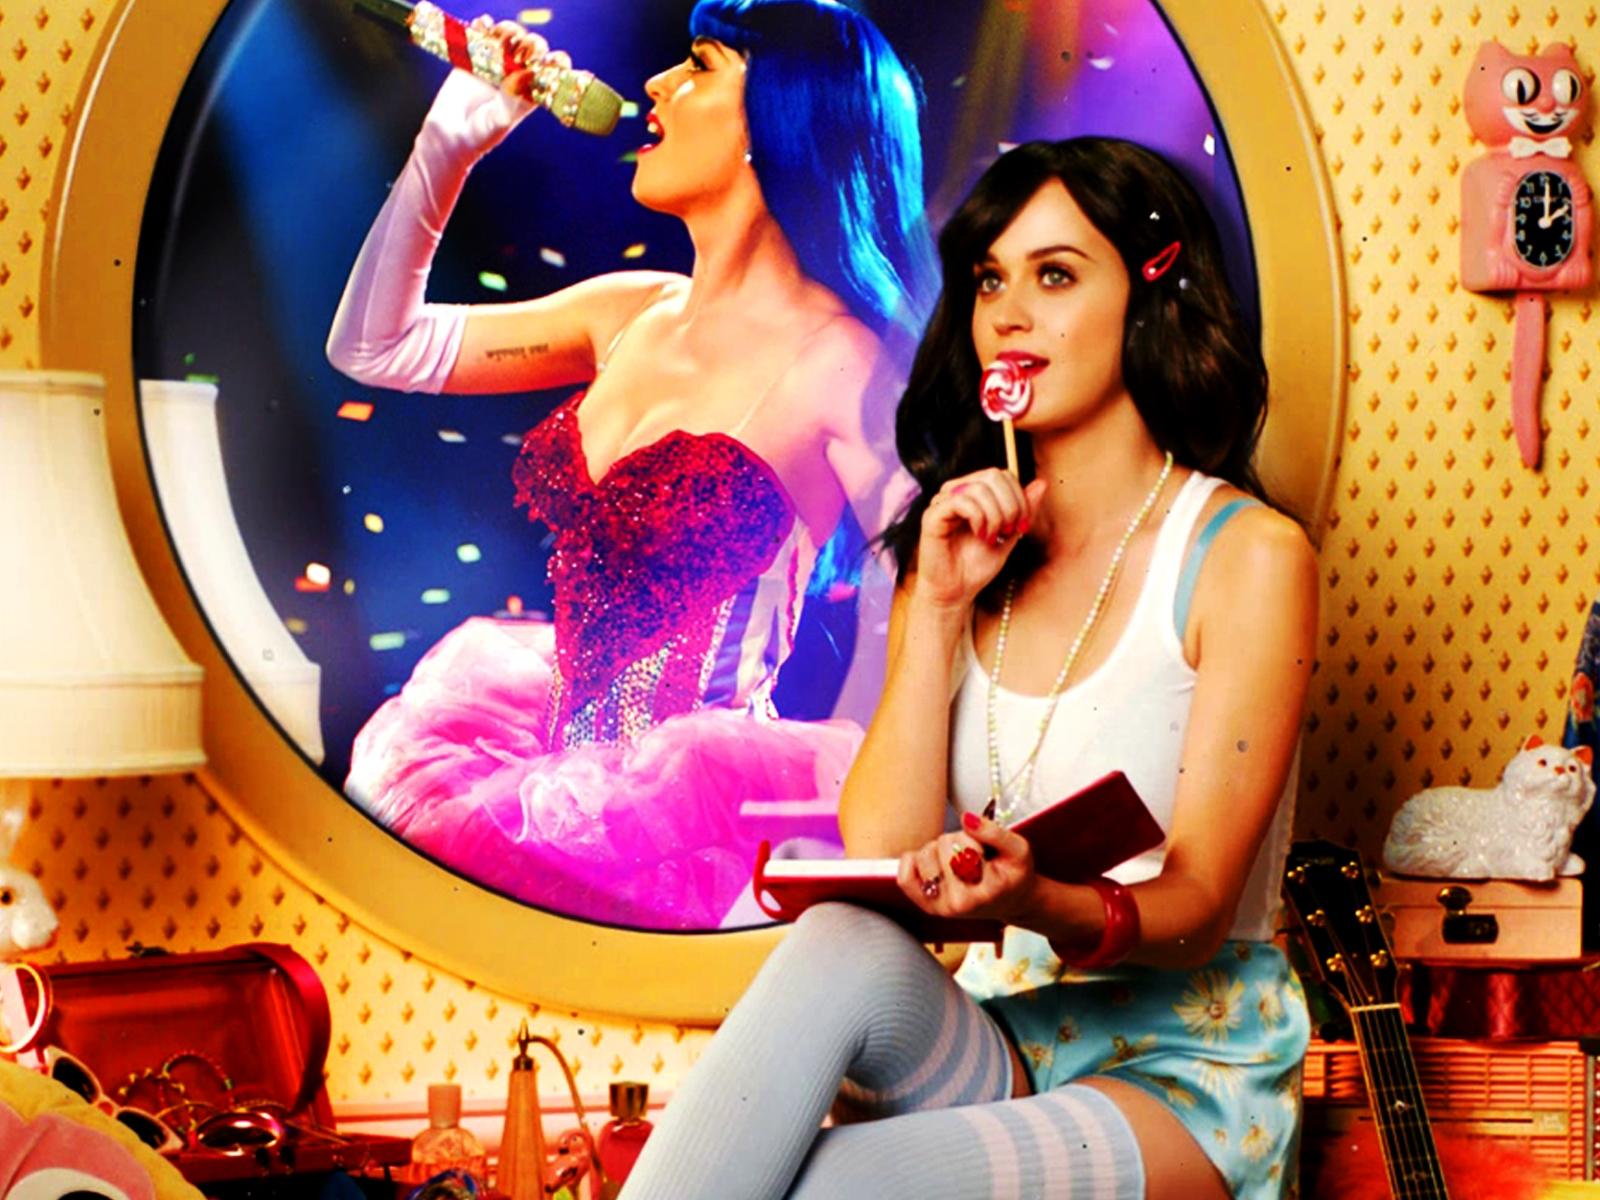 http://2.bp.blogspot.com/-yTnwvQeqaPY/UAFd2vpzyuI/AAAAAAAACtI/vrbzliiXFEA/s1600/Katy_Perry_Part_of_Me_2012_Movie_HD_Wallpaper-Vvallpaper.Net.jpg